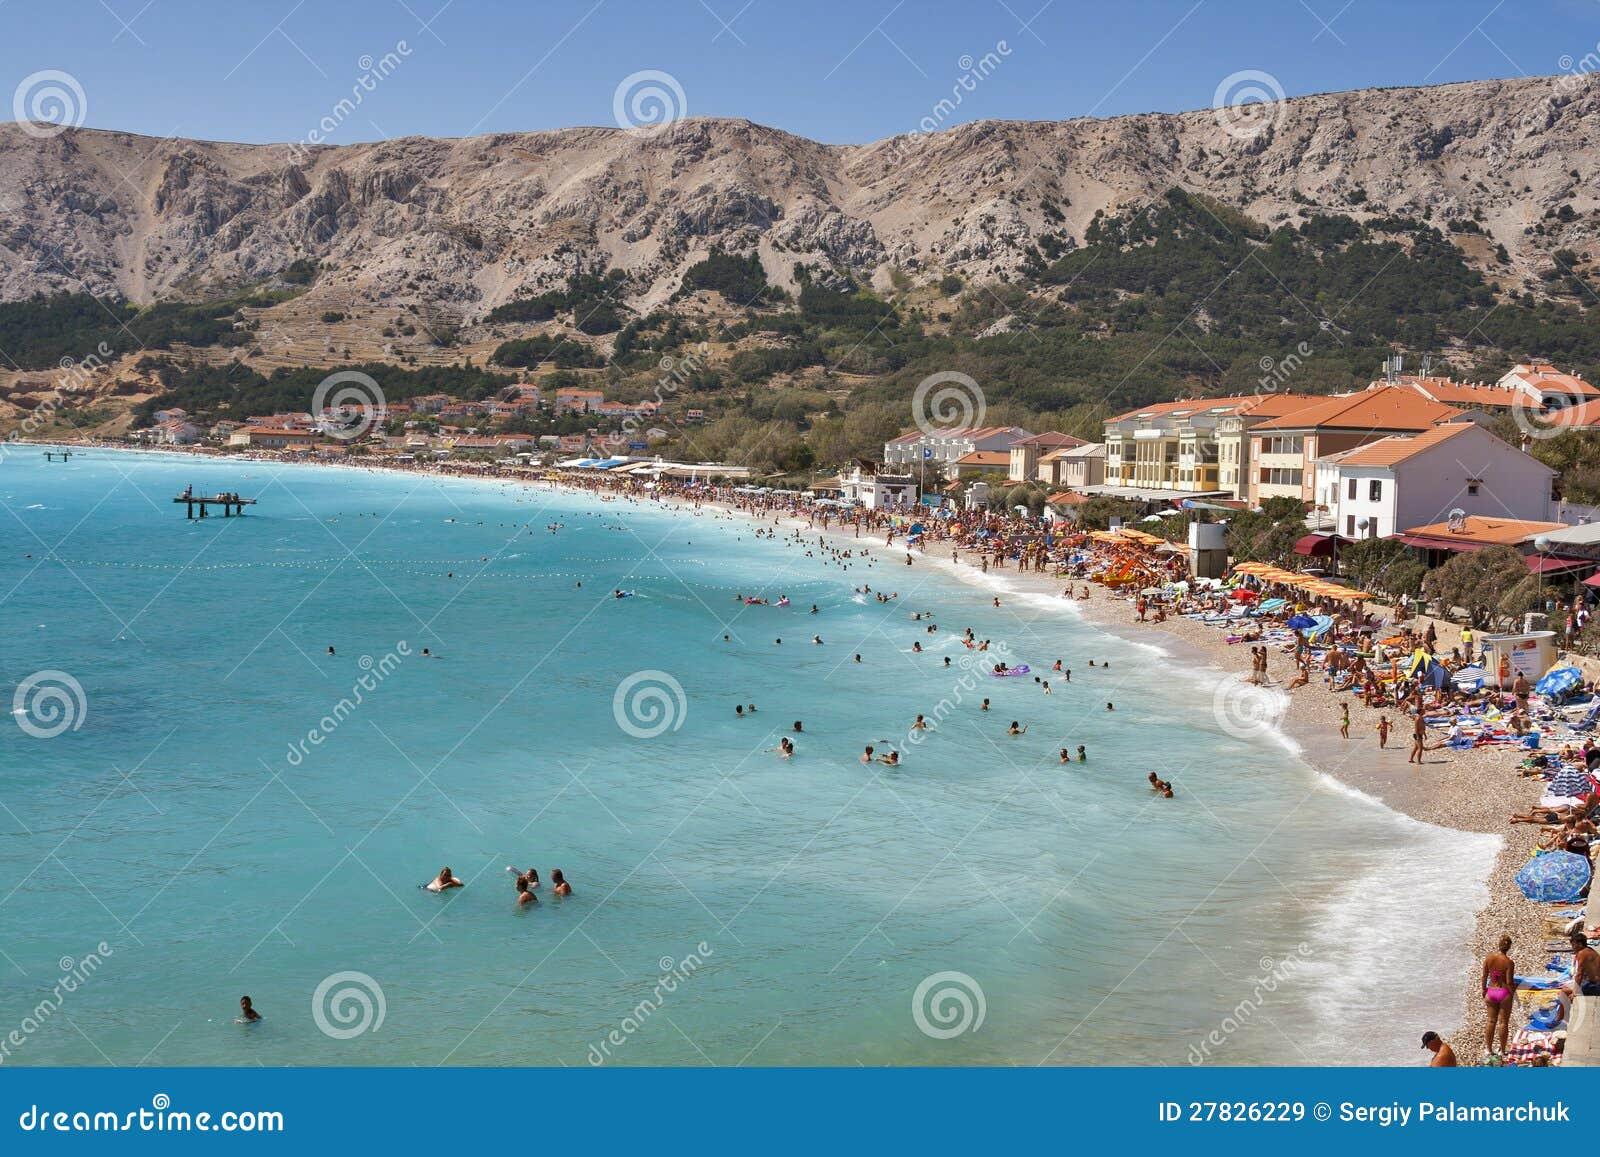 Baska Voda Croatia  city pictures gallery : ... Baska, Croatia. Baska Voda is a municipality in the Split Dalmatia